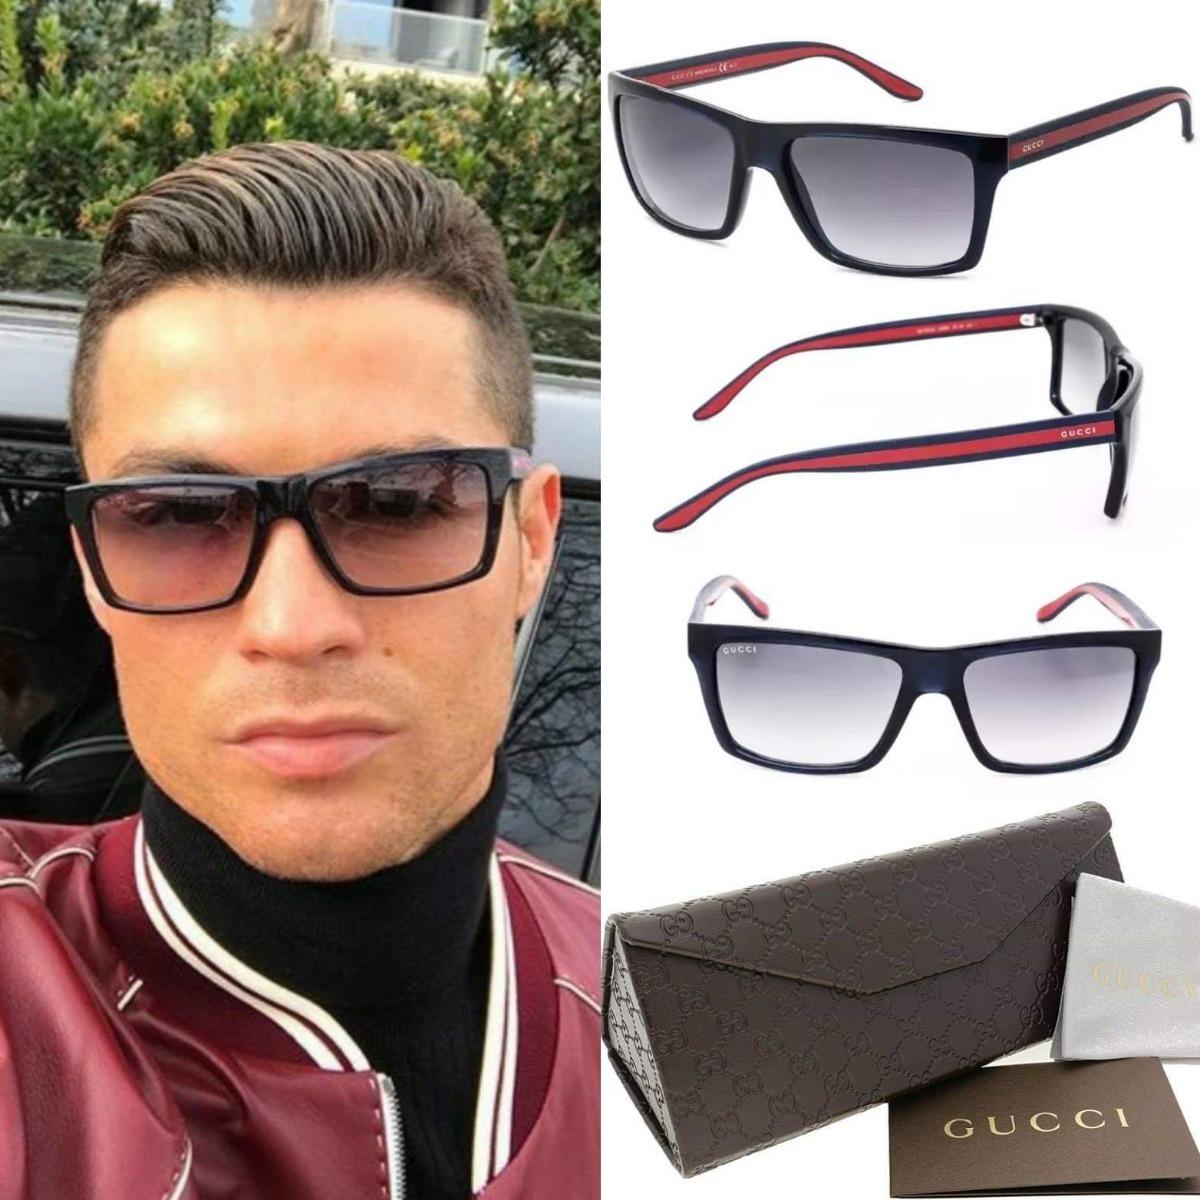 da59196ae6 Exclusivos Lentes De Sol Gucci ( Cristiano Ronaldo ) - $ 199.900 en ...